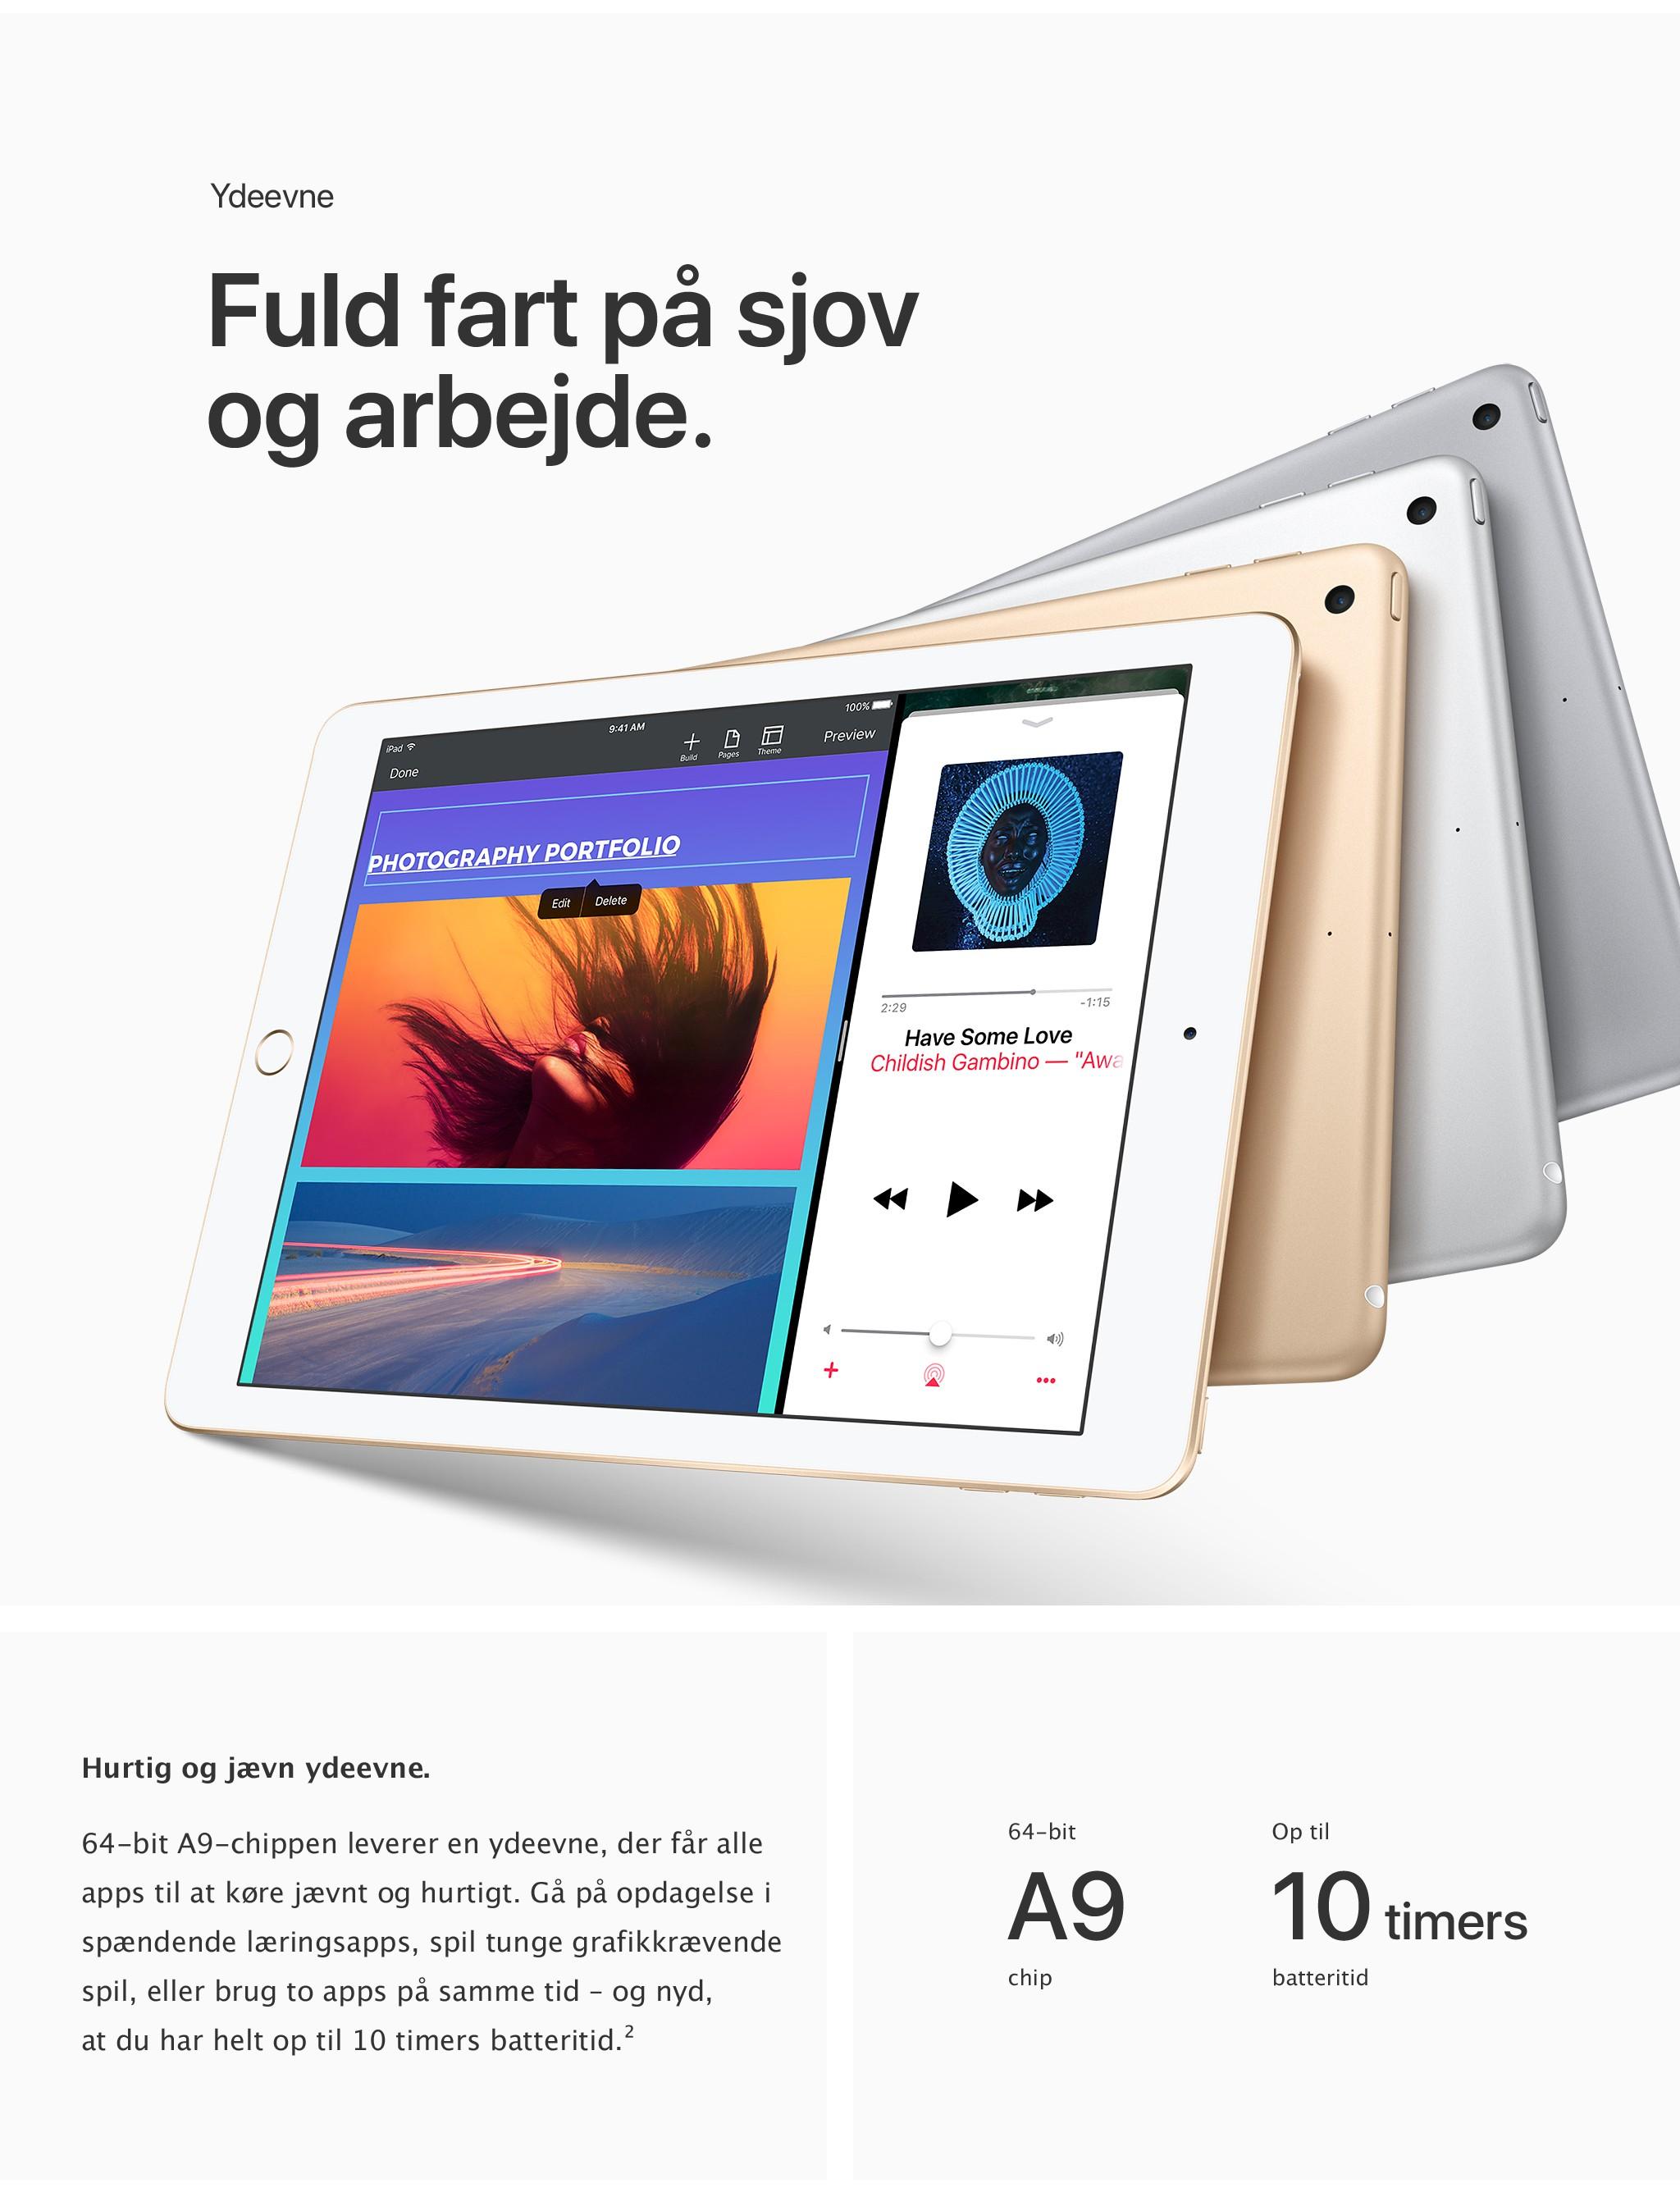 Fuld fart på sjov og arbejde med iPad